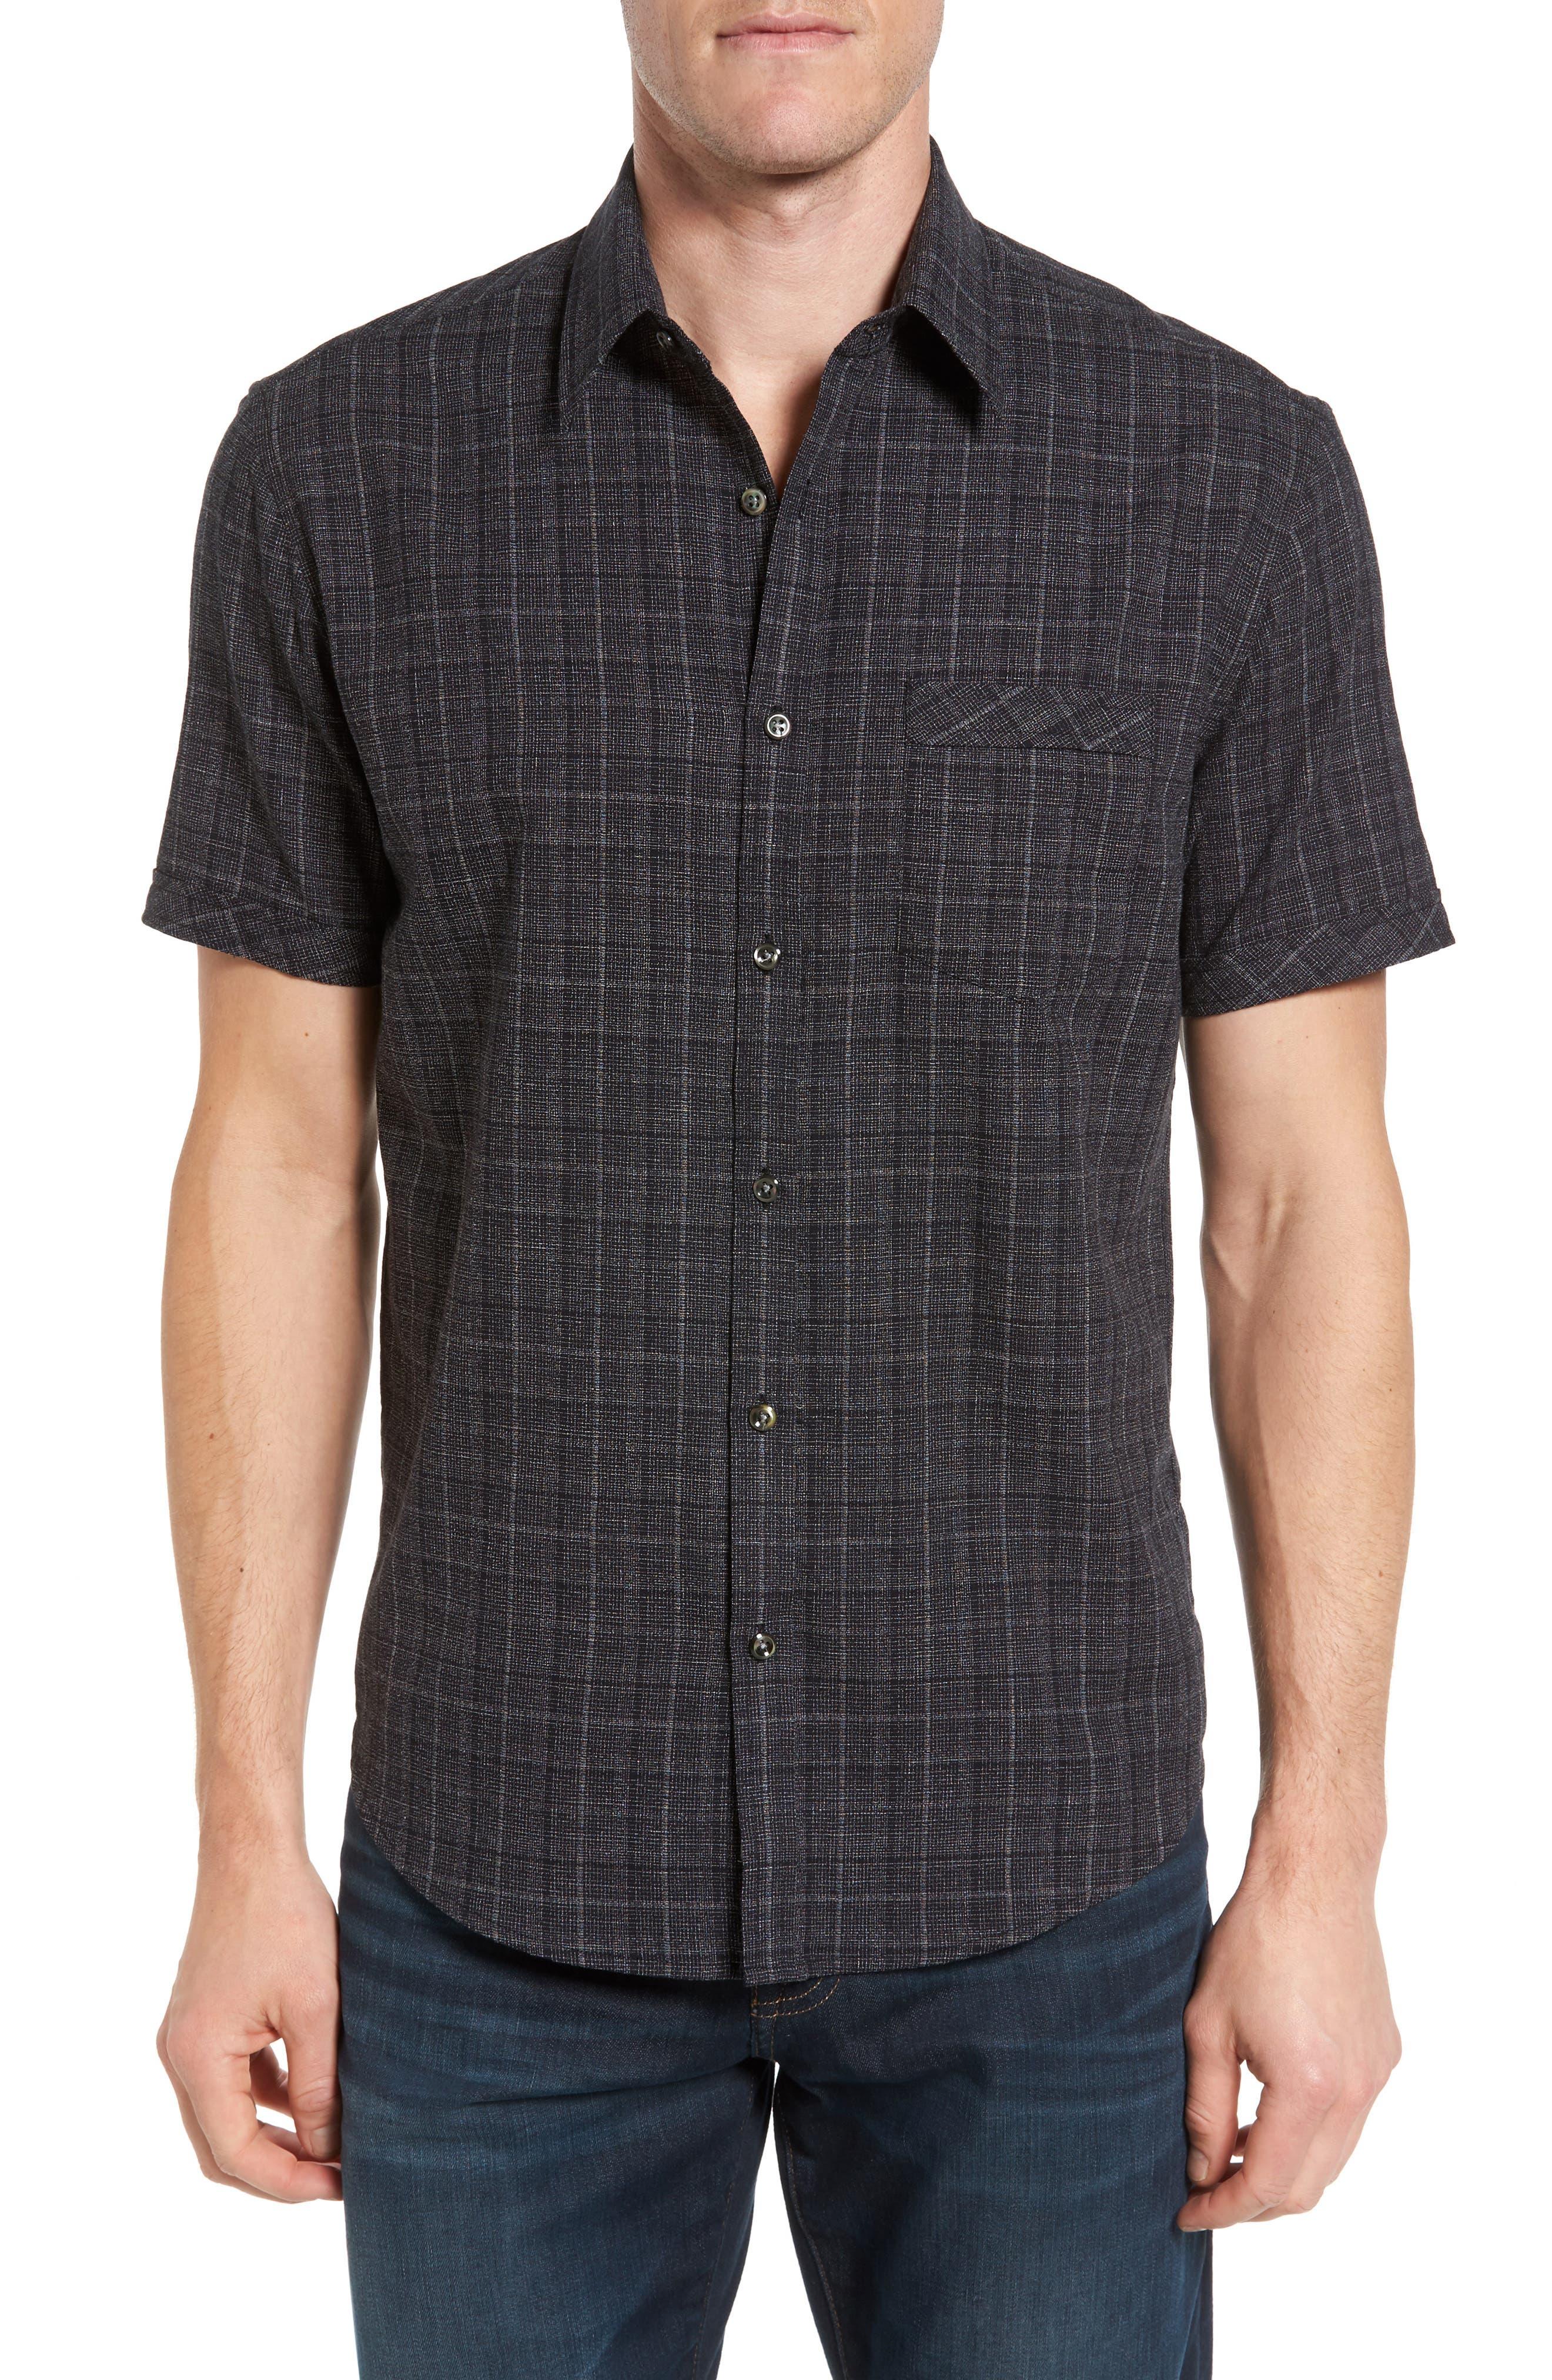 James Campbell Kyra Regular Fit Short Sleeve Sport Shirt